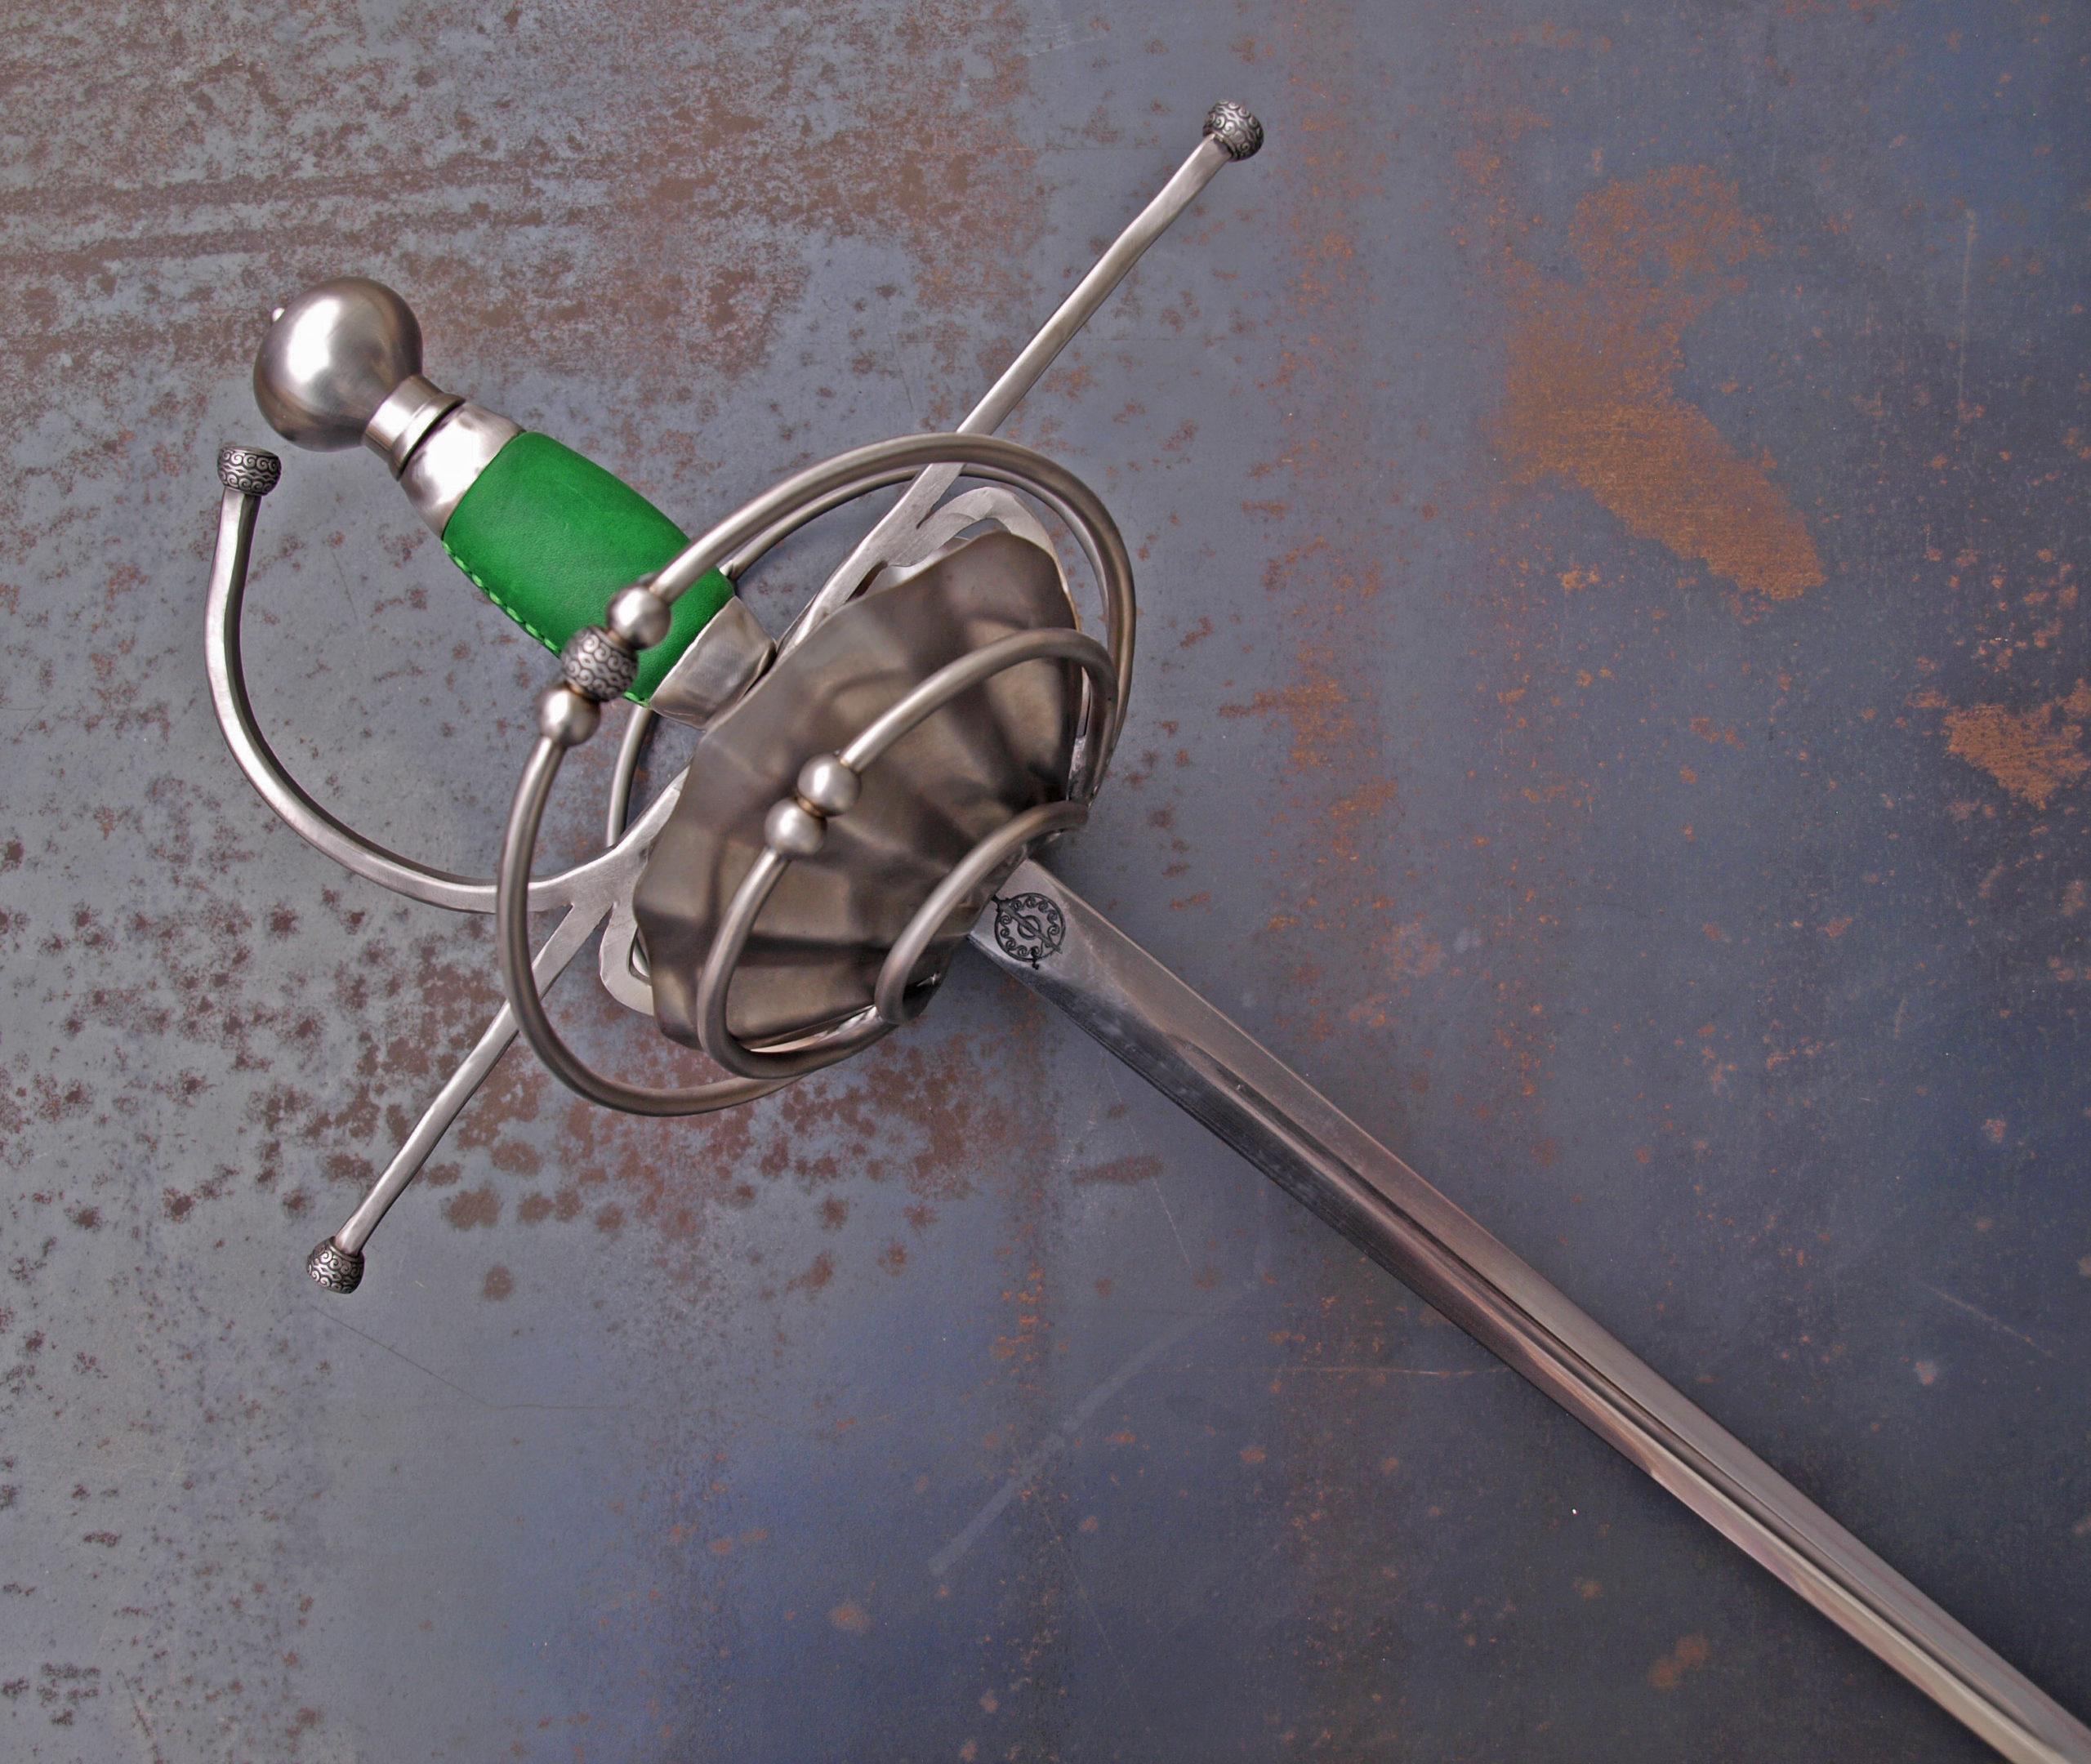 Pappenheimer rapier sword from Bellatore. Hilt detail